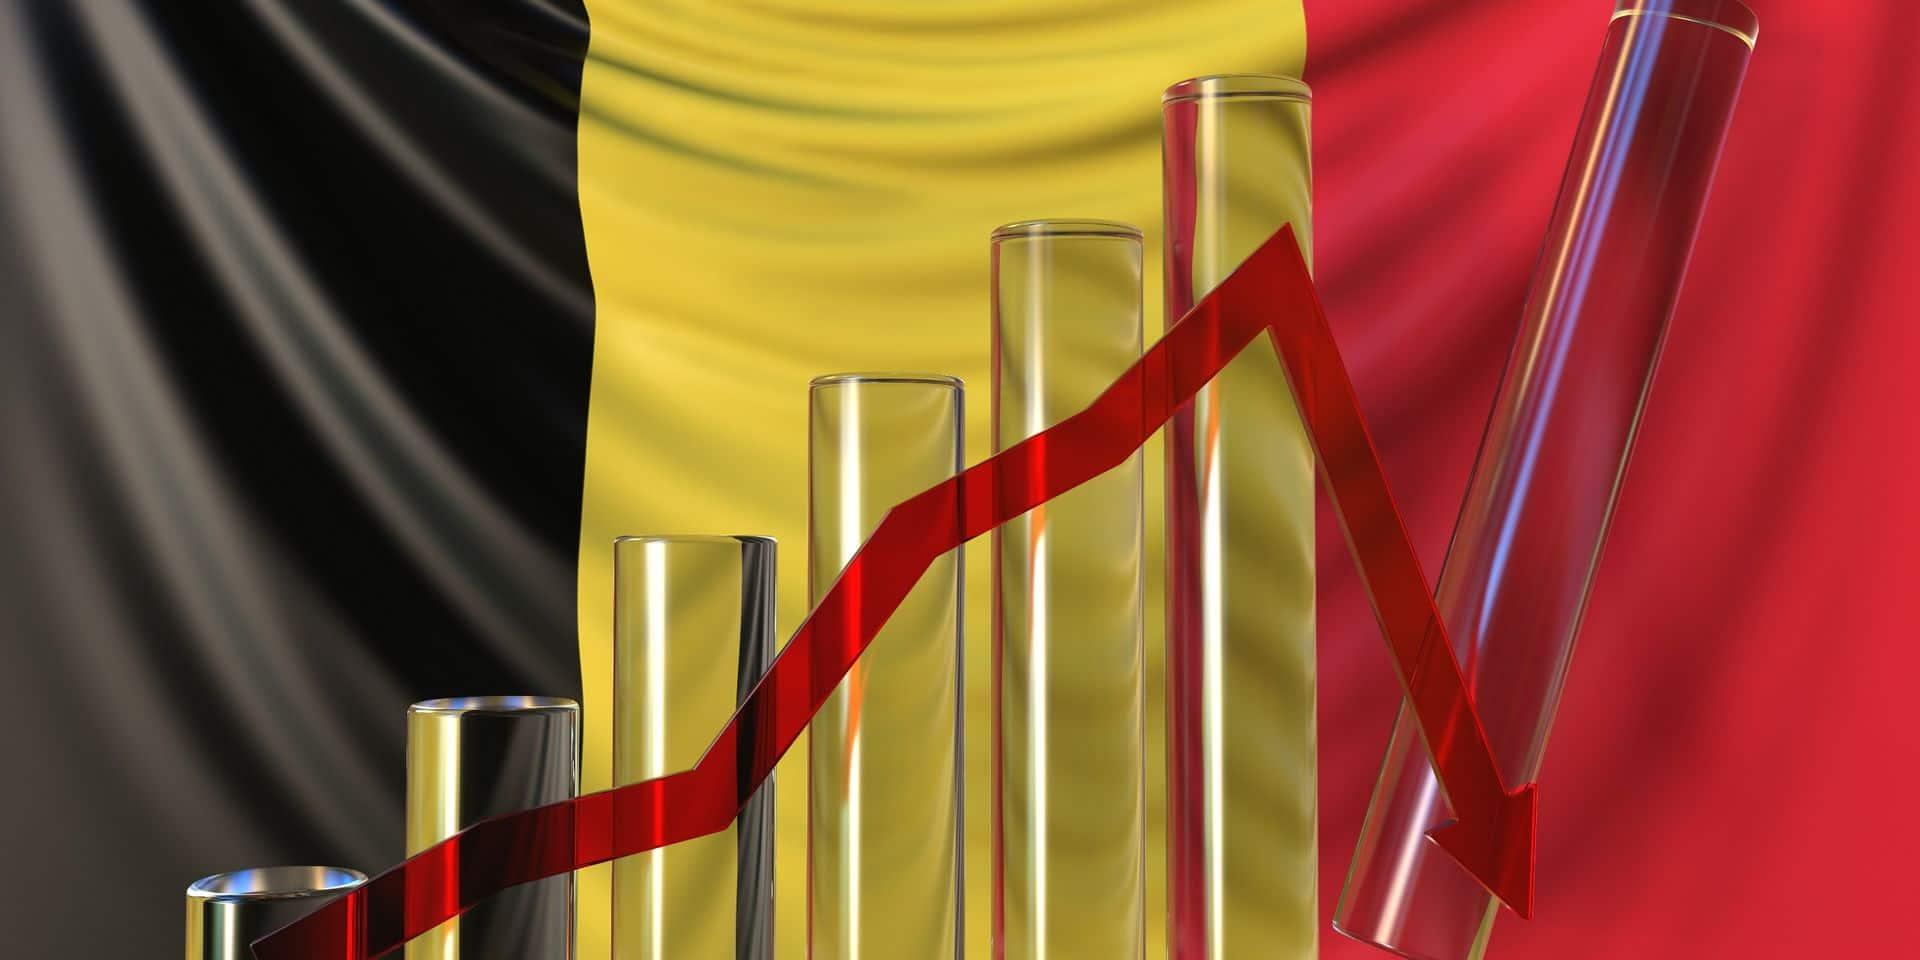 Le PIB belge accuse sa plus forte baisse depuis la Seconde Guerre mondiale